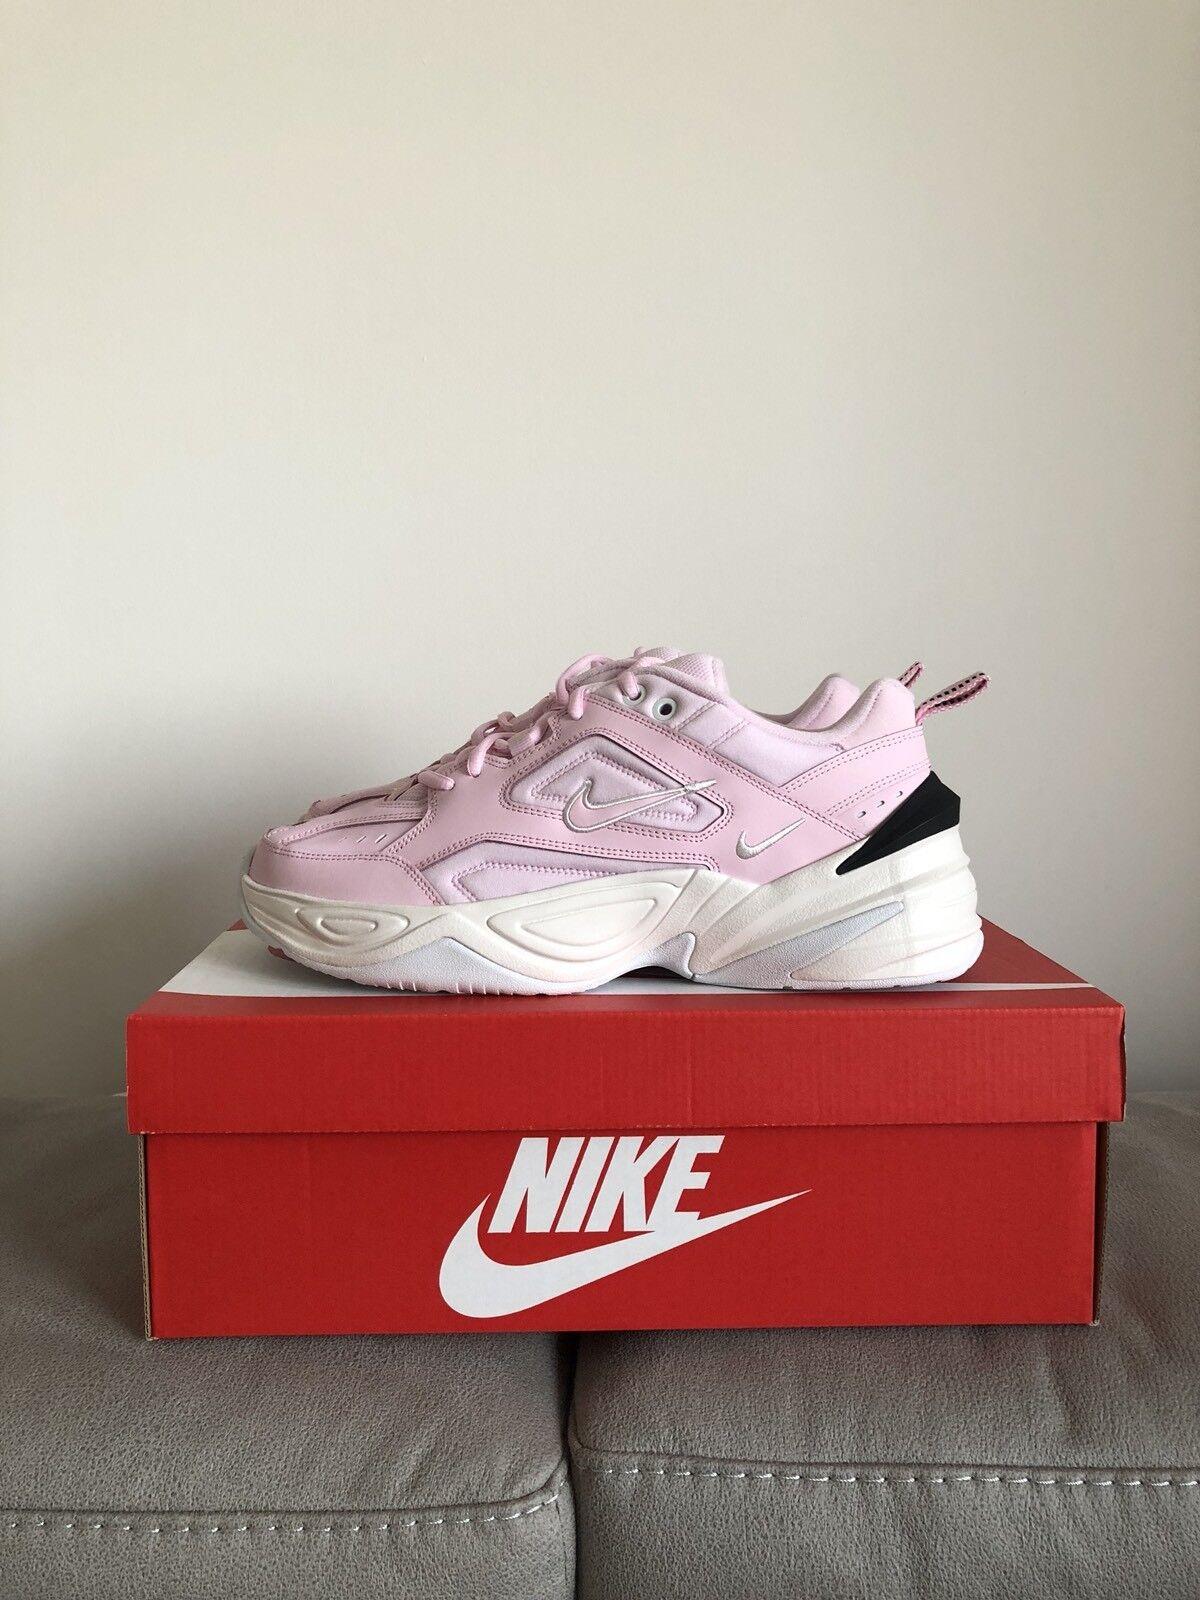 100% authentic brand new nike negro MK2 Tekno Rosa / negro nike nuevos zapatos para hombres y mujeres, el limitado tiempo de descuento 3cd133